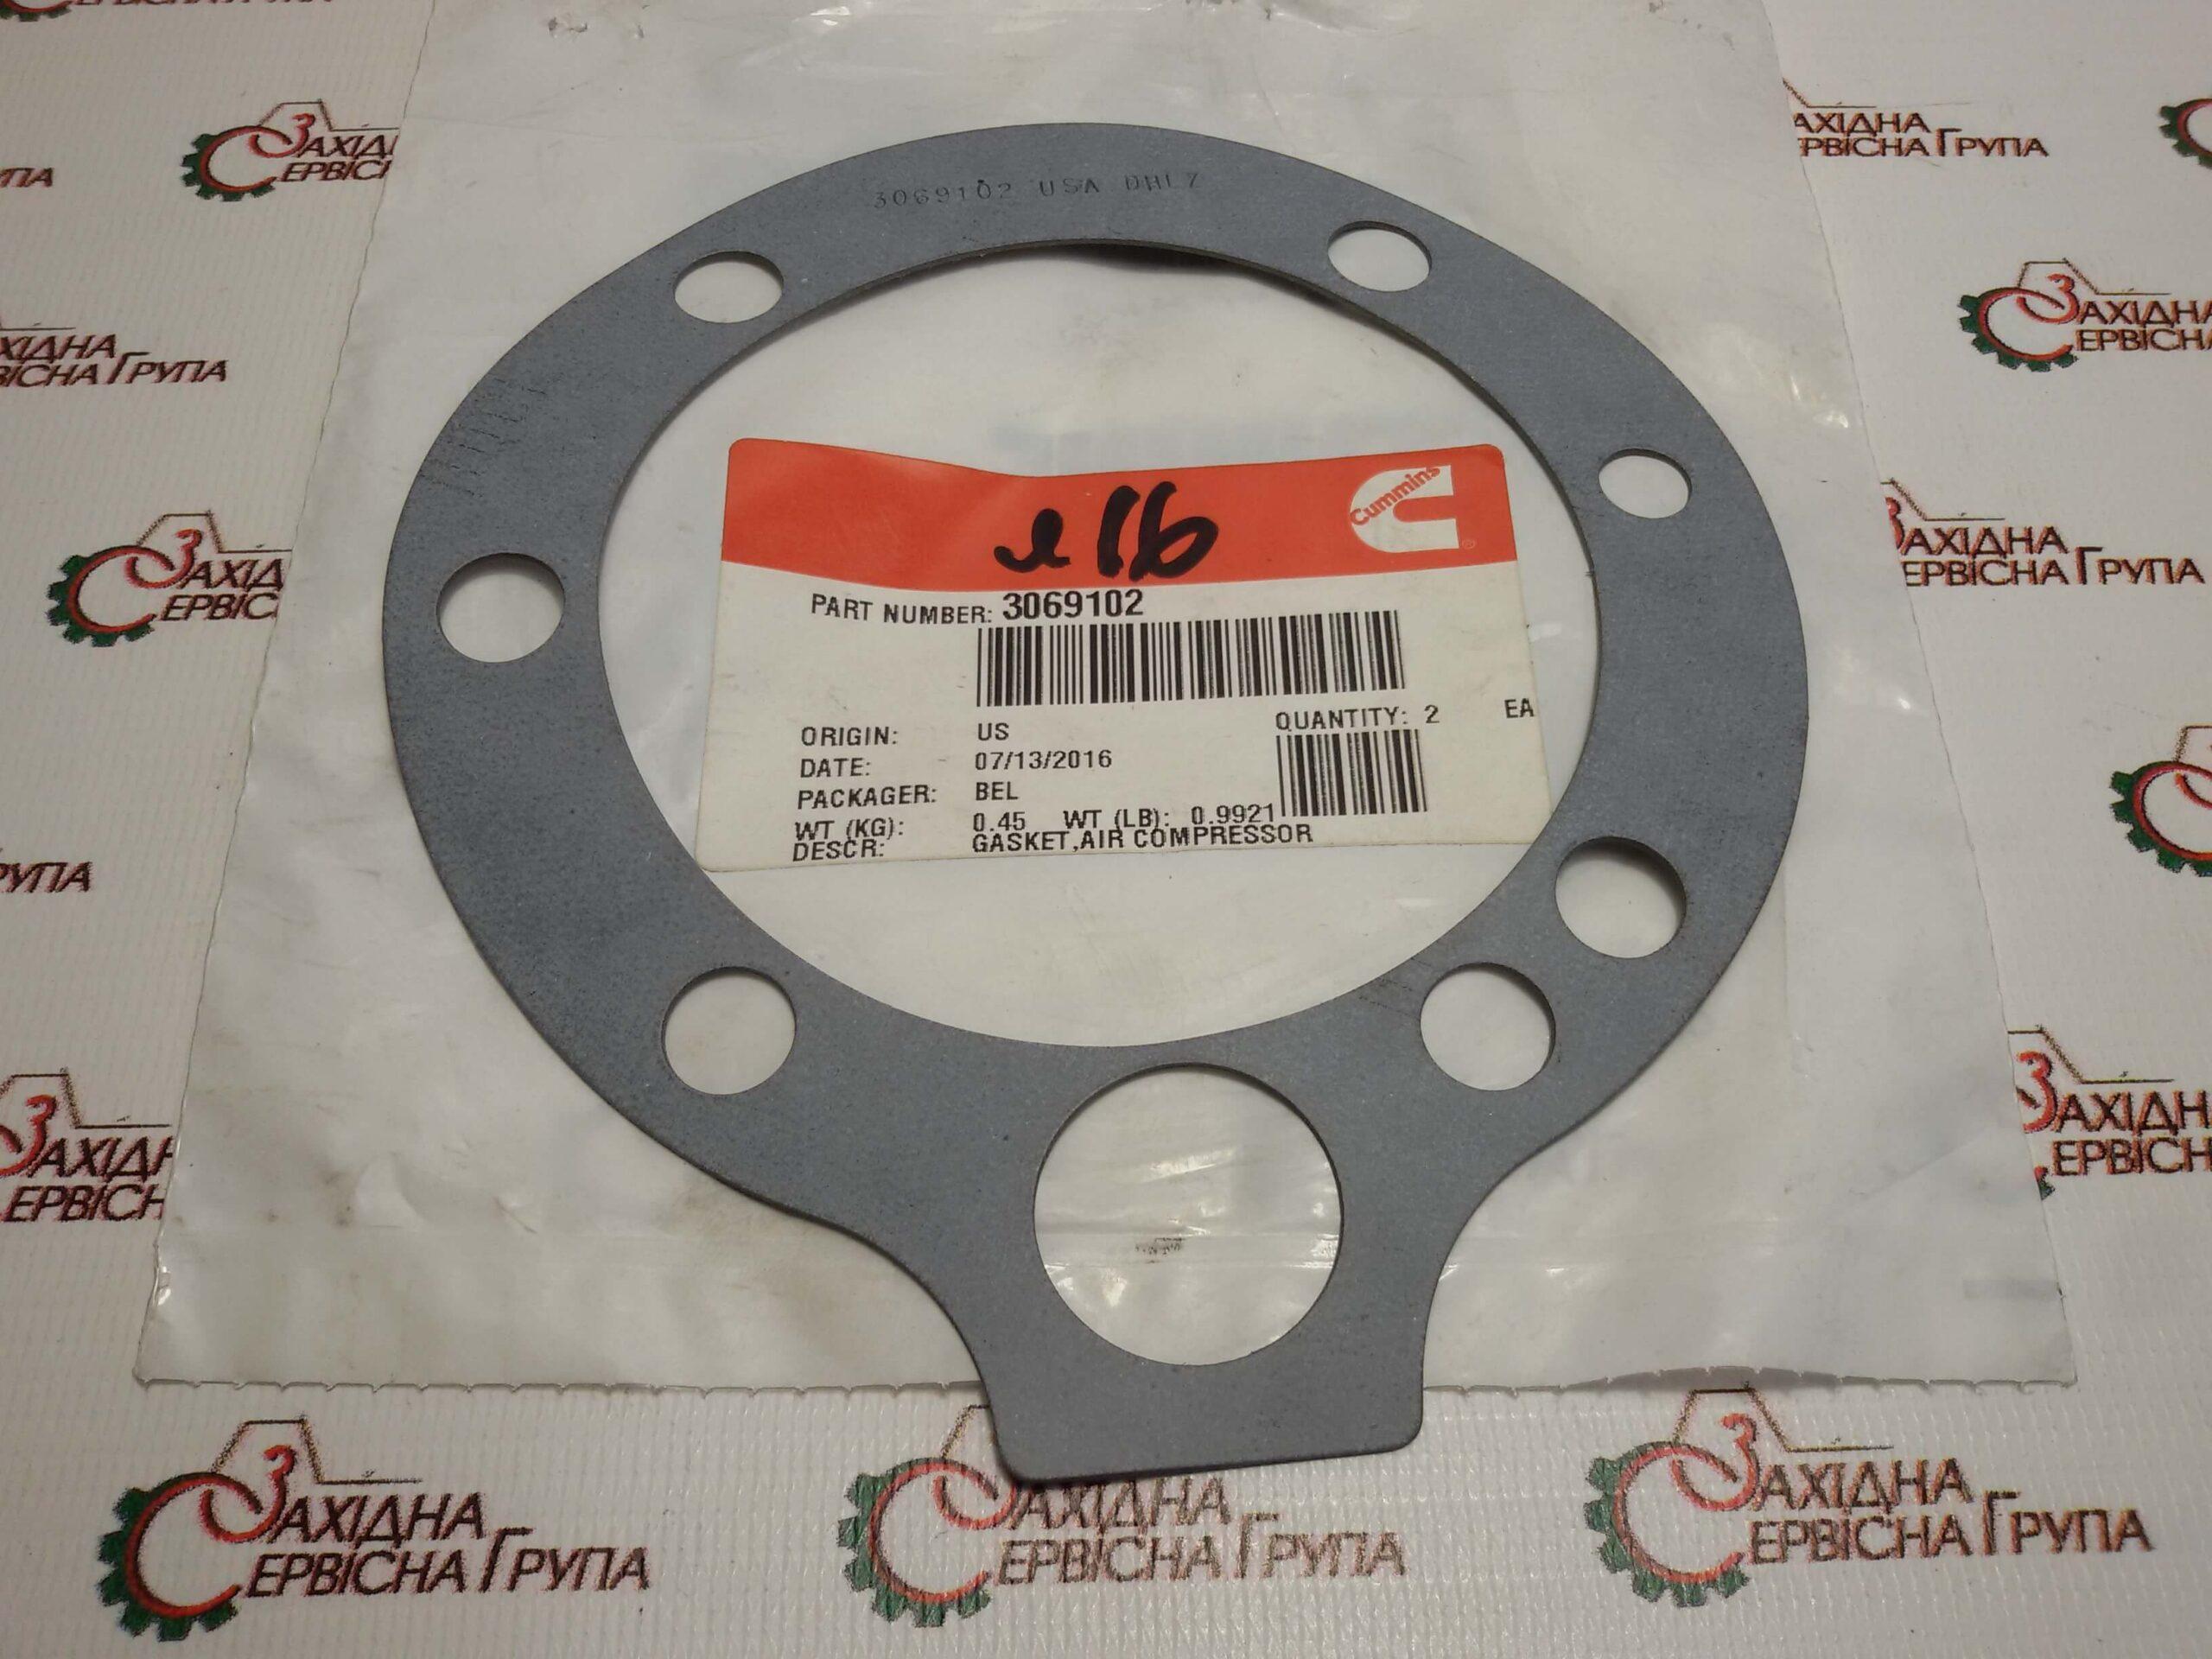 Прокладка воздушного компрессора Cummins KTA19, 3069102, 3049688, 3201850, 3025890, 218027, 206207.